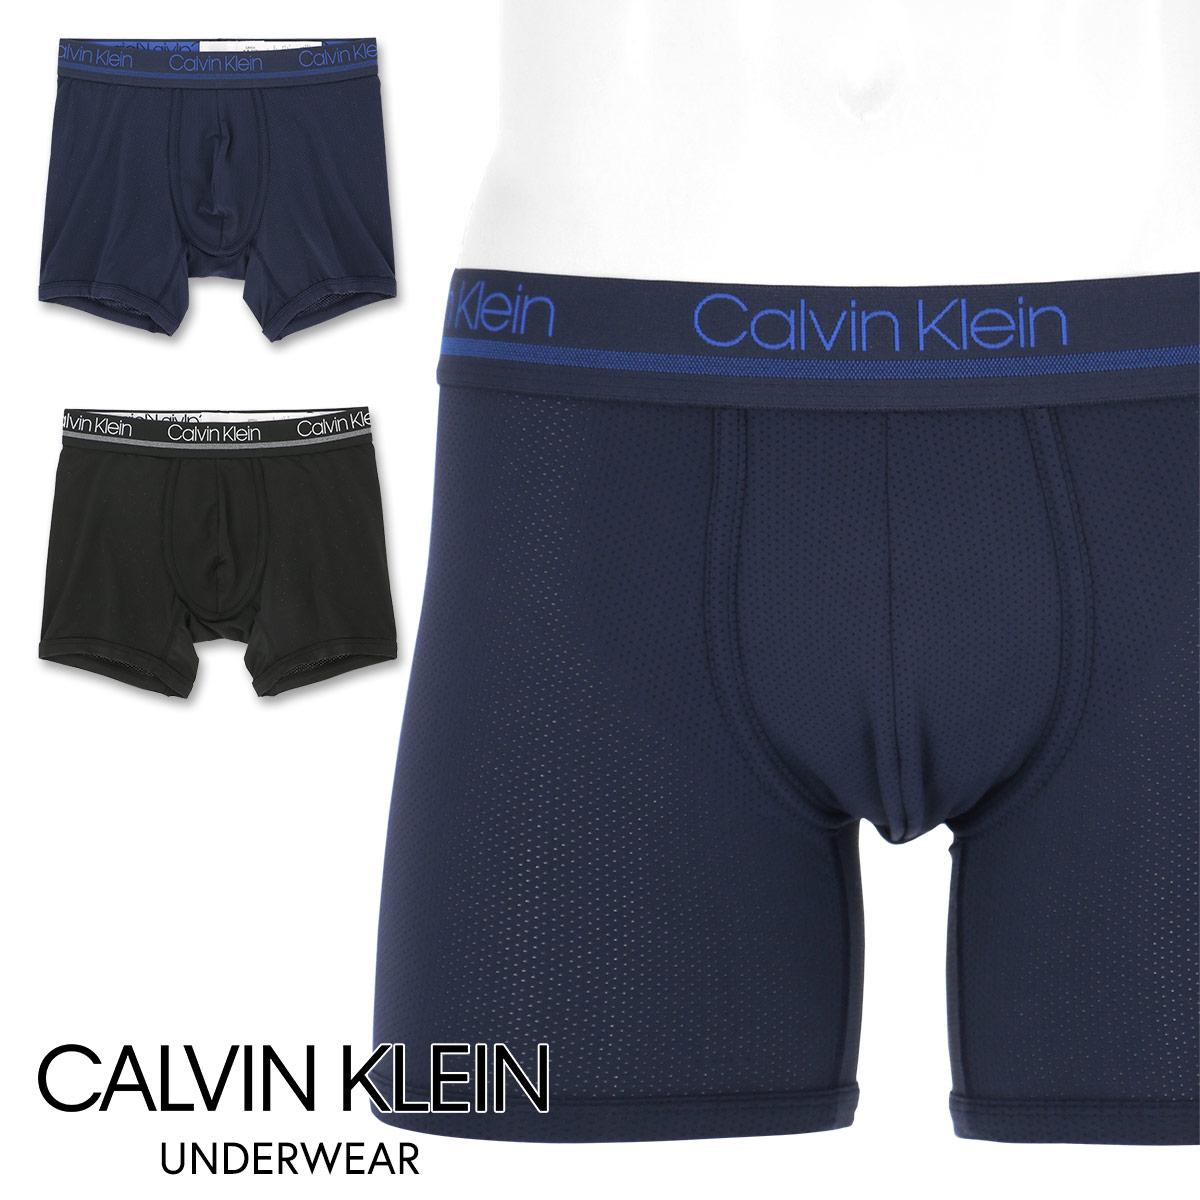 Calvin Klein CK Active Mesh Micro カルバンクライン アクティブメッシュ マイクロ ボクサーパンツ 5360-2175 NB2175 日本サイズ(M・L・XL) 男性 メンズ プレゼント 贈答 ギフト 【箱なしゆうパケット・2点まで】